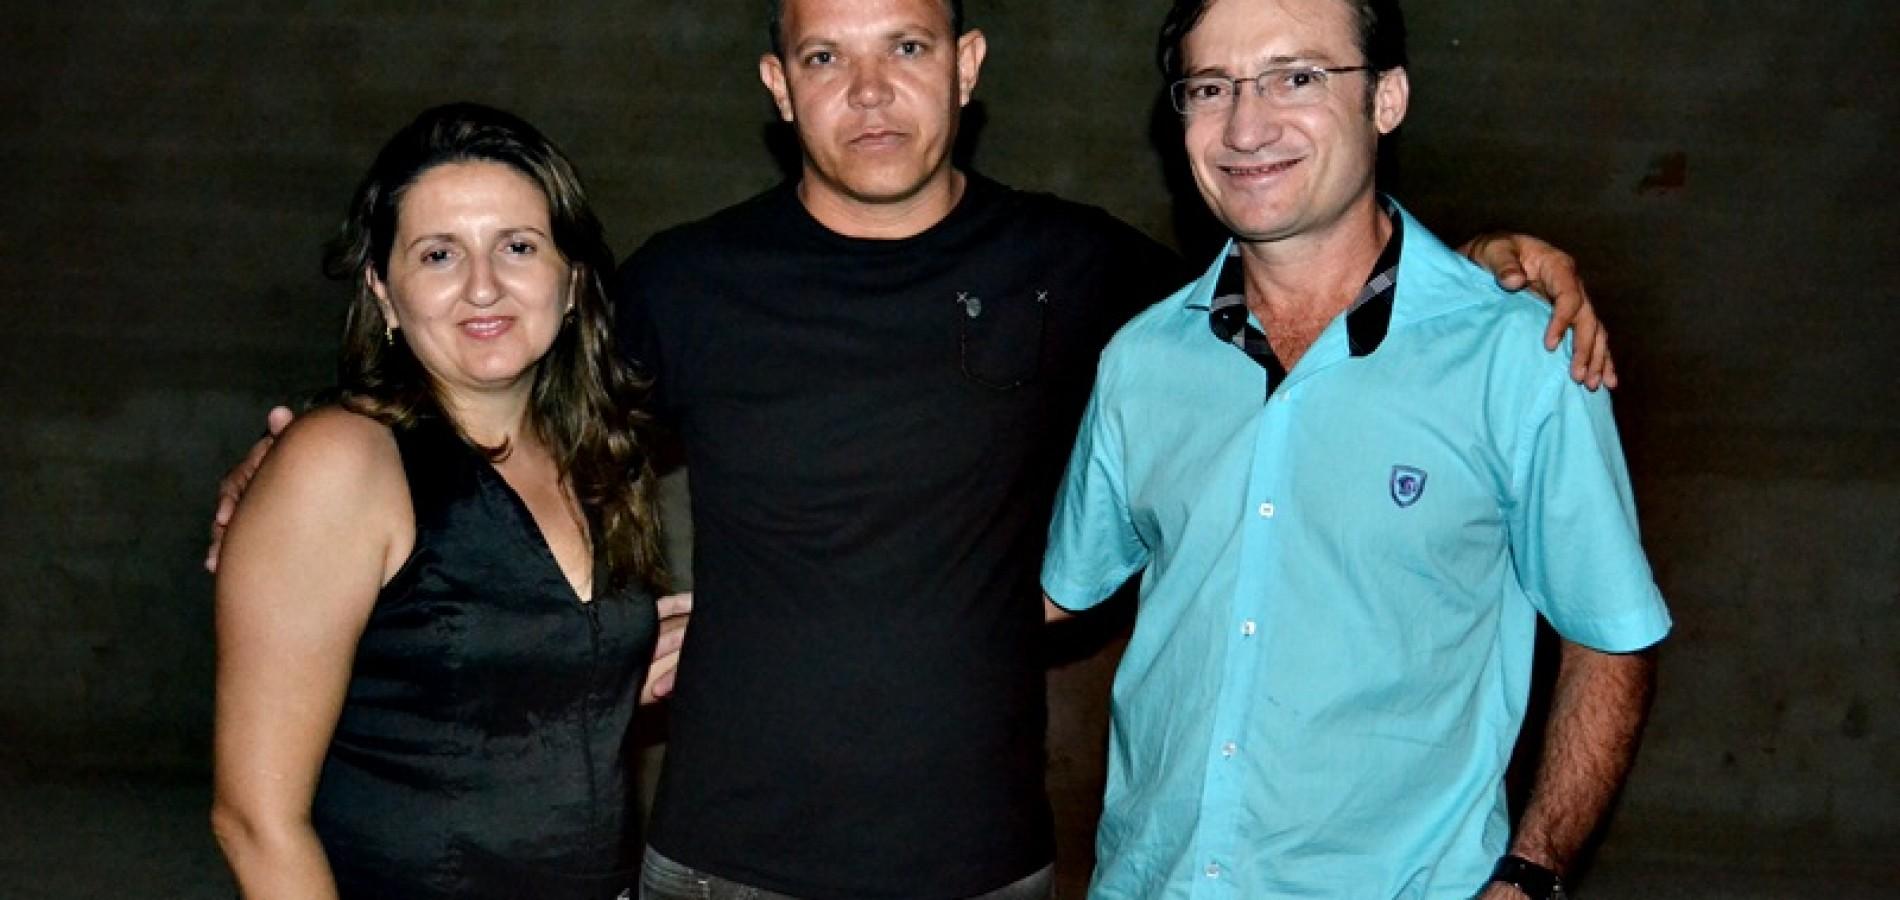 Médico cubano comemora aniversário com amigos em Massapê do Piauí